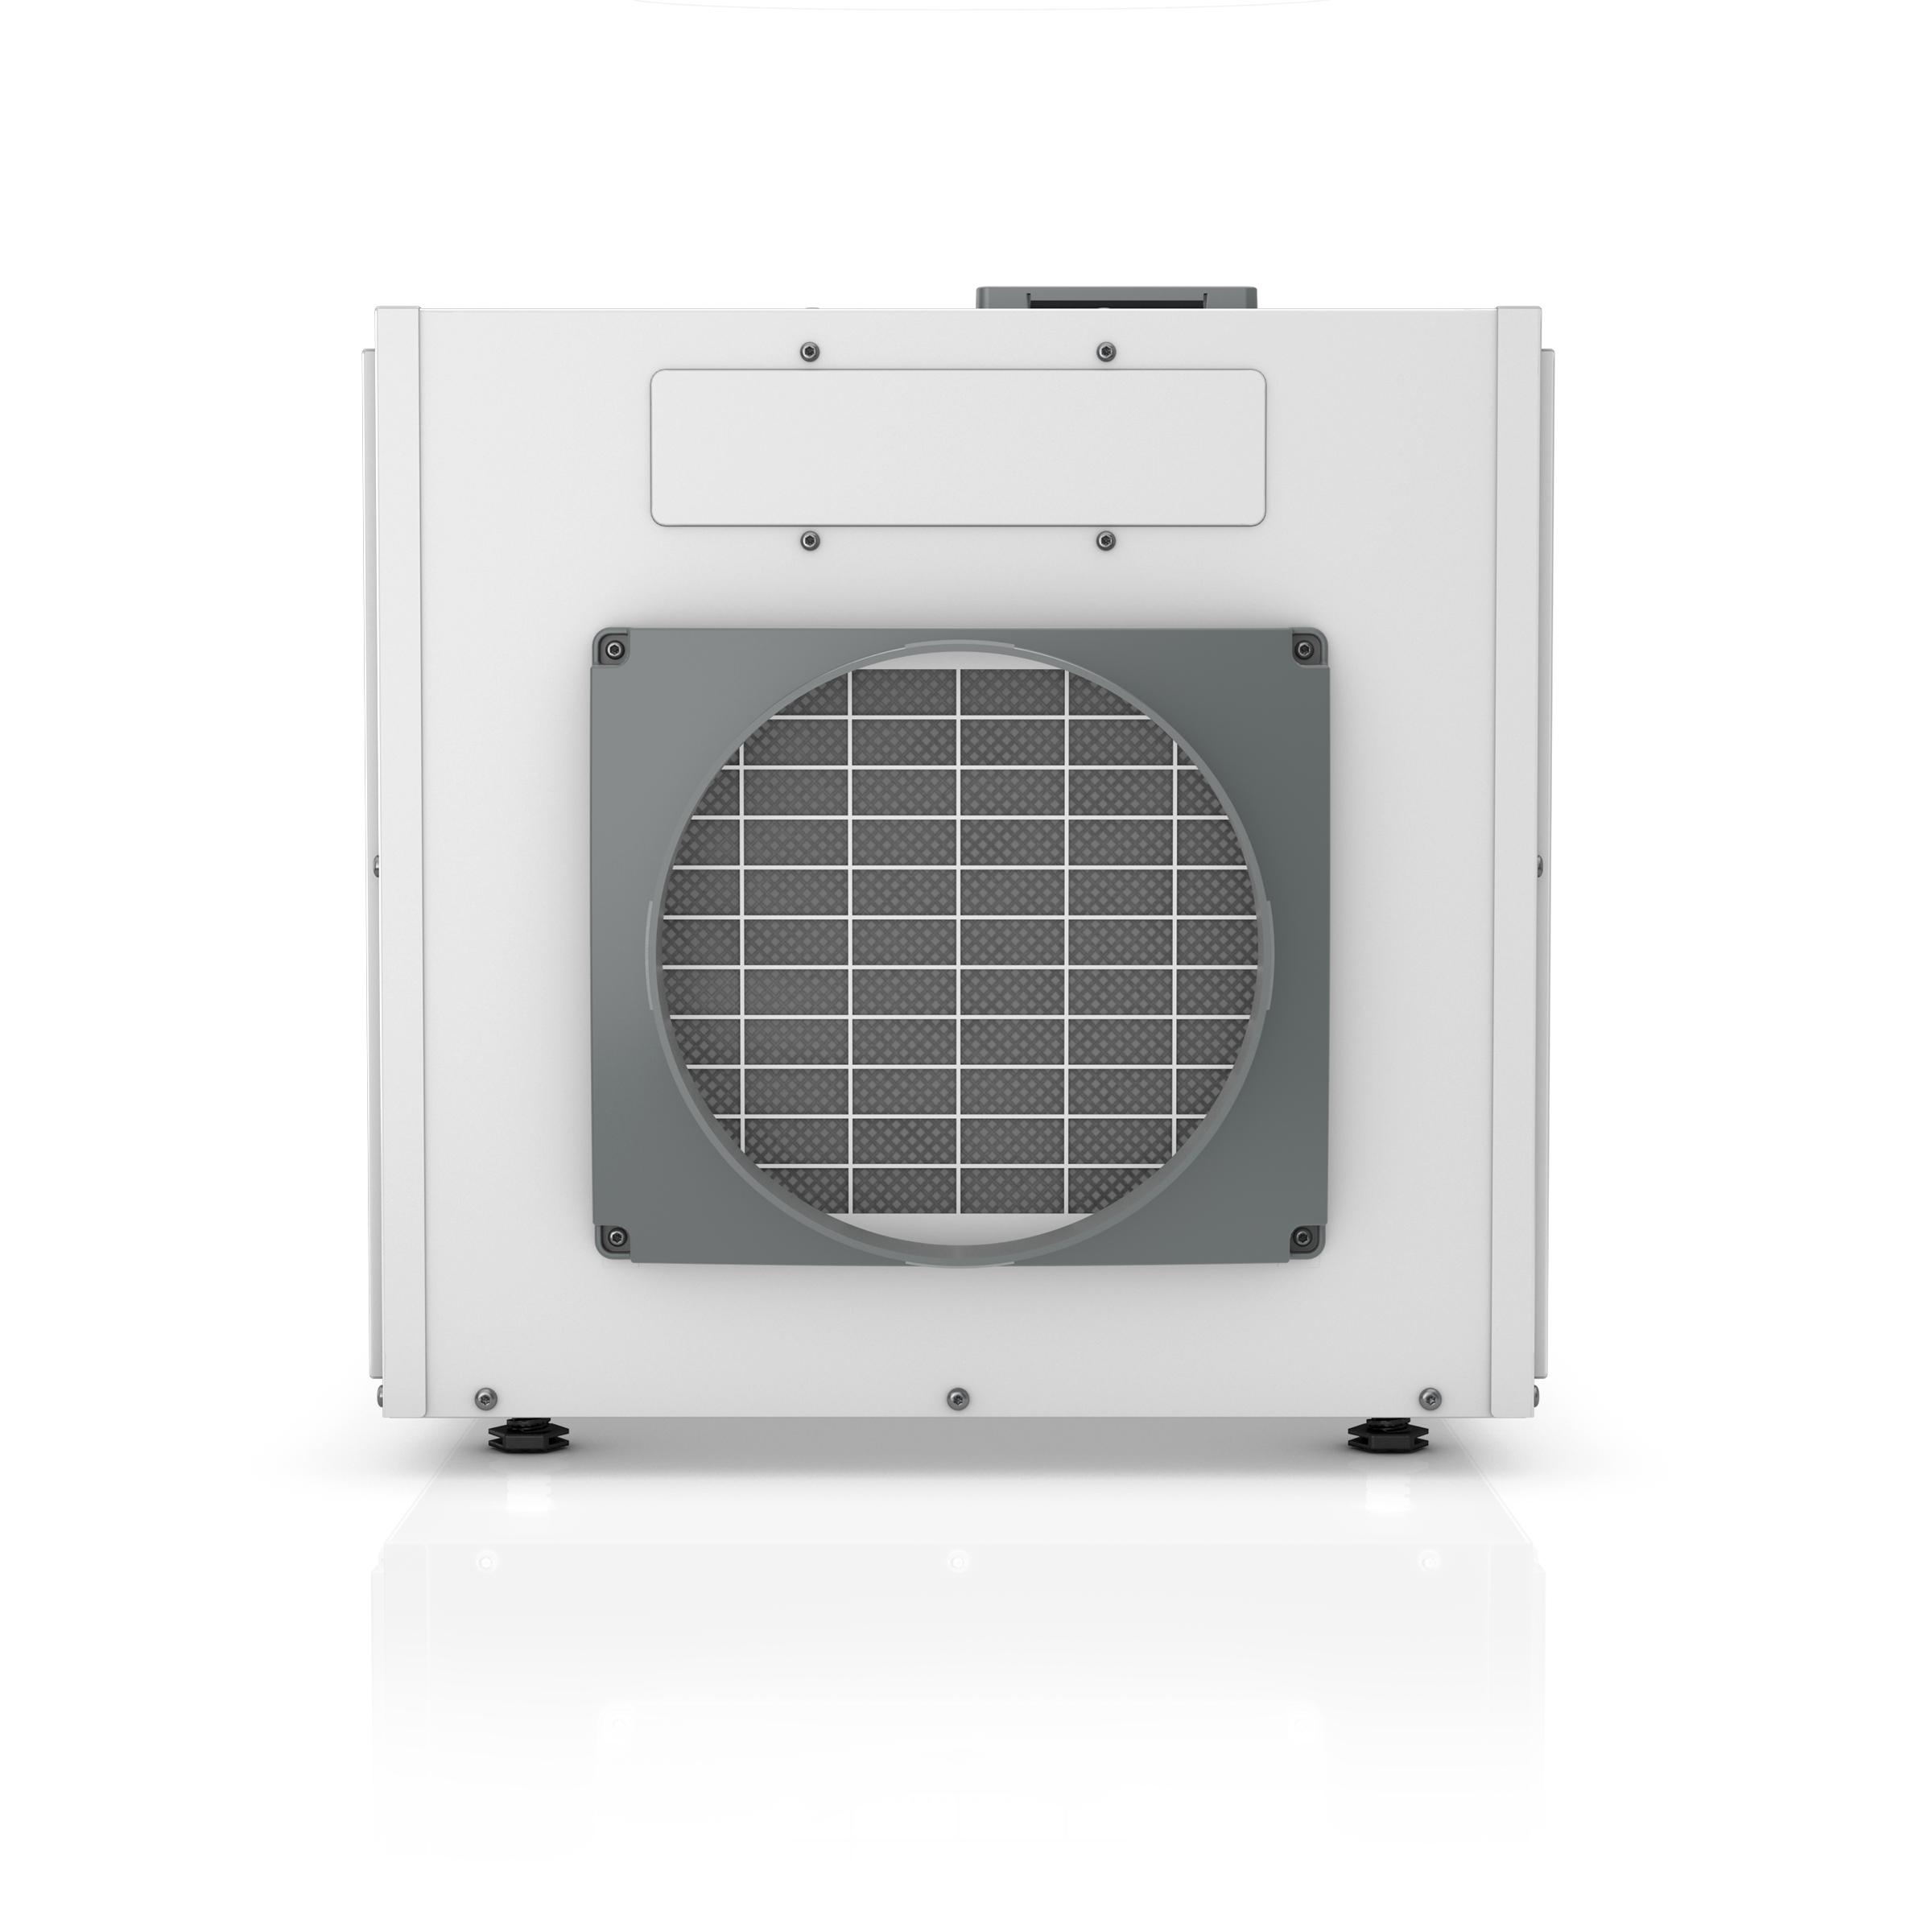 Anden-Model-A130-Industrial-Dehumidifier